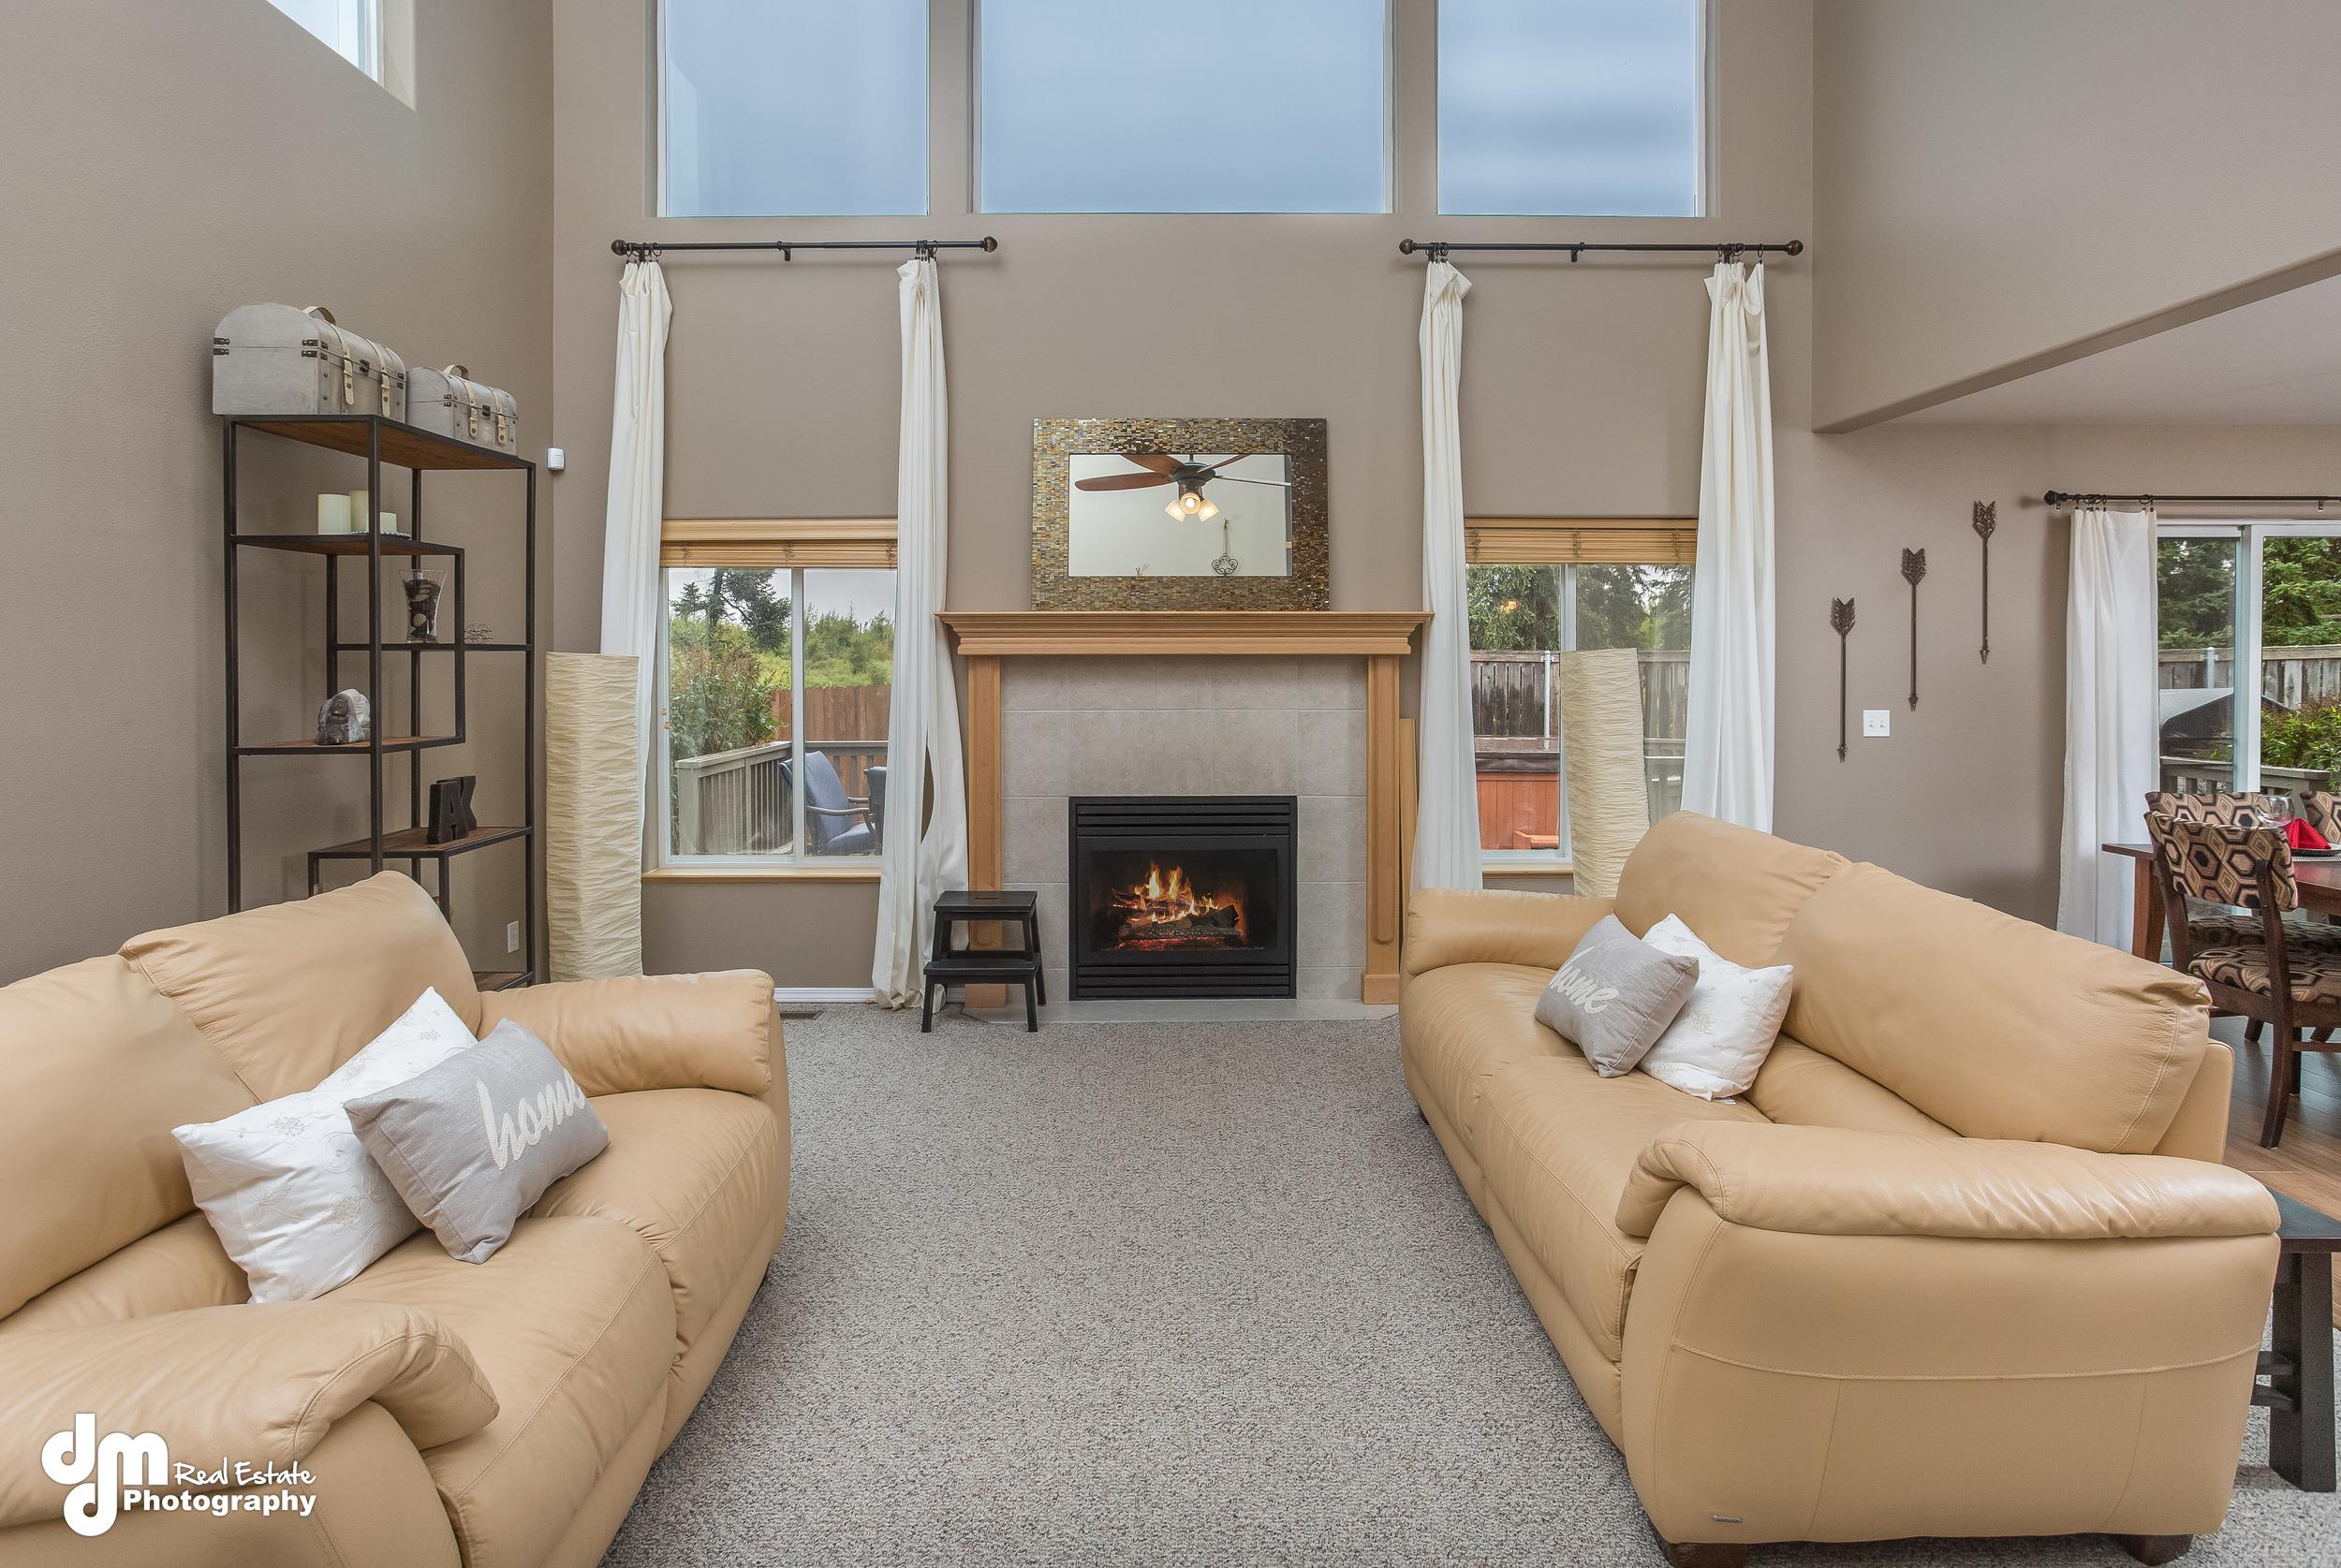 Living Room_DMD_6709.jpg